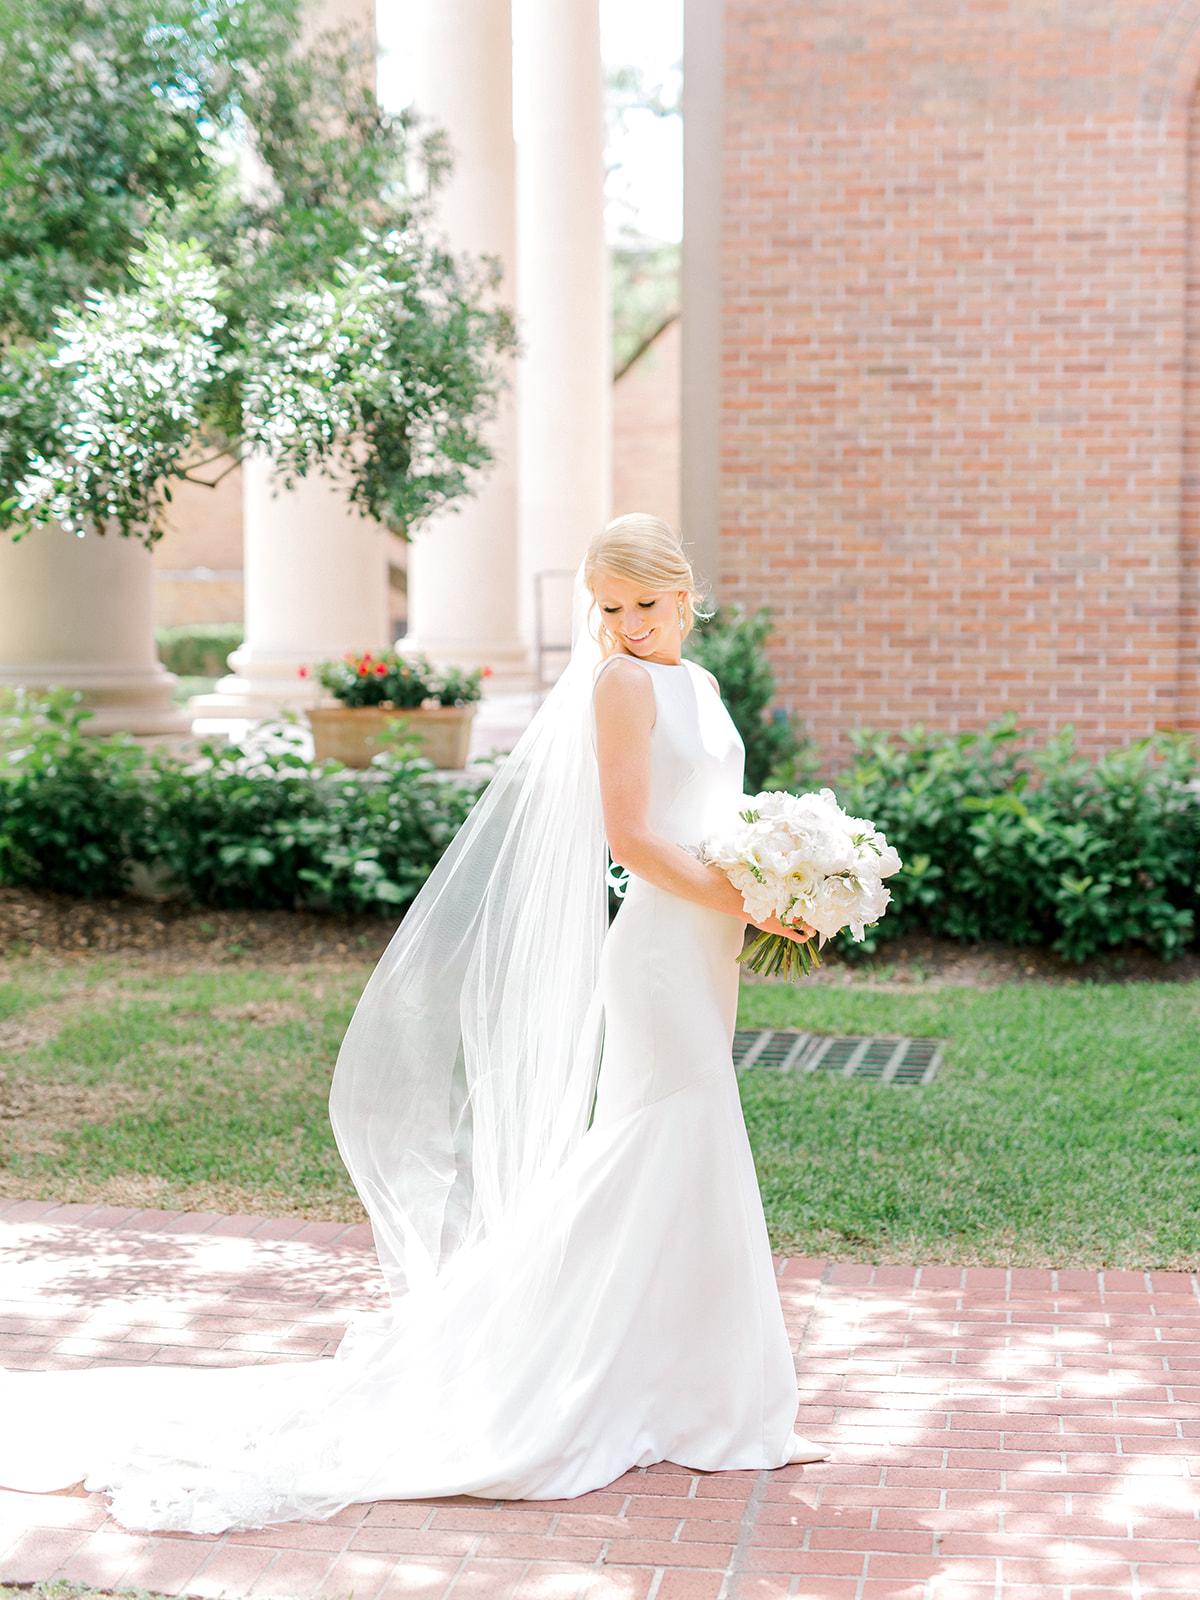 bride_groom20.jpg